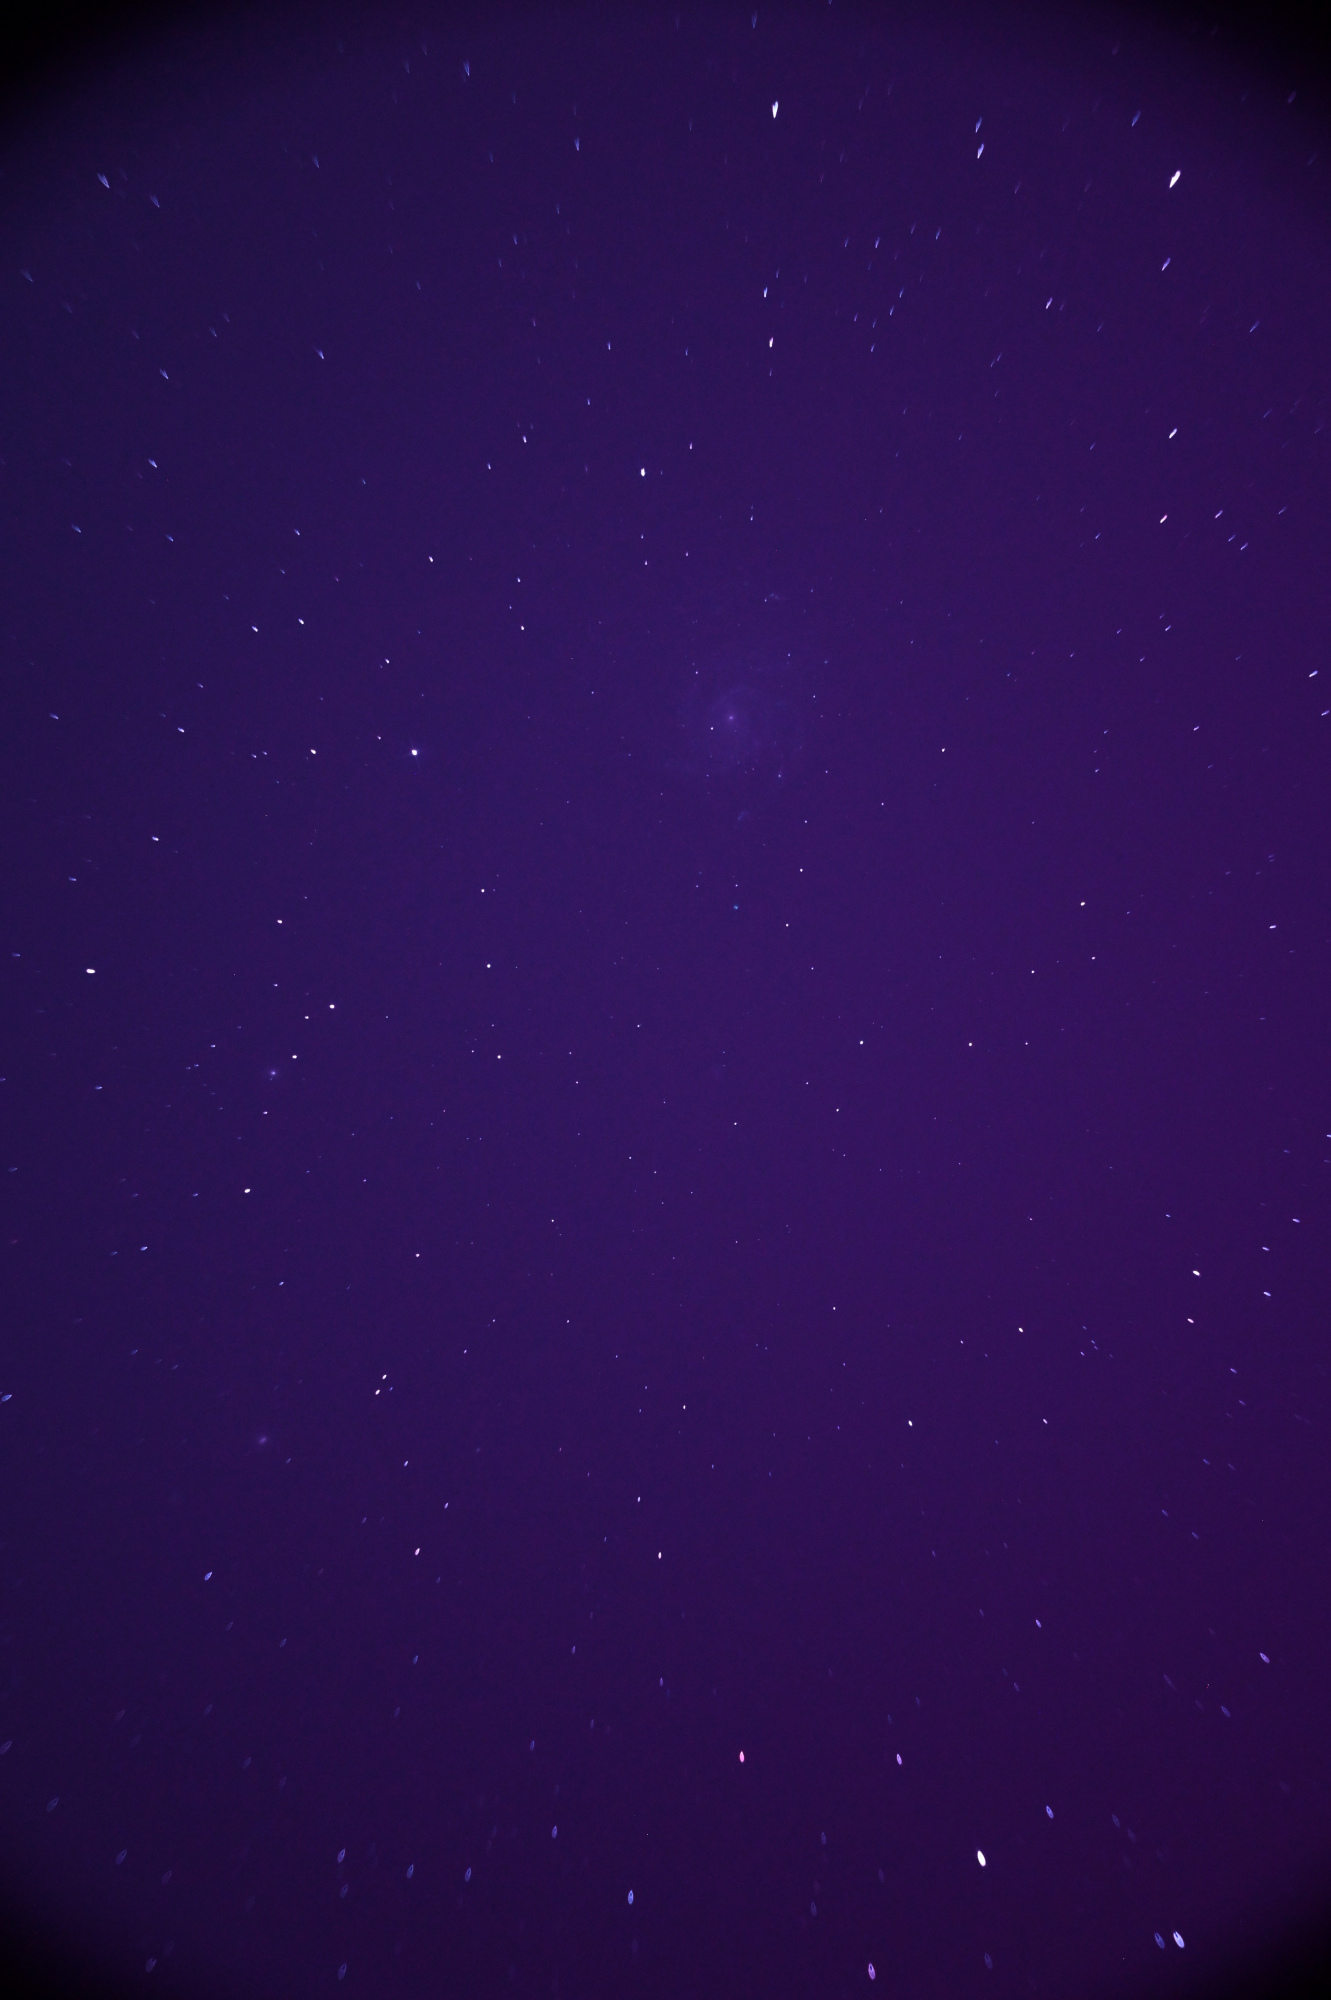 M101_LIGHT_120s_2500iso_20200626-02h11m58s536ms.jpg